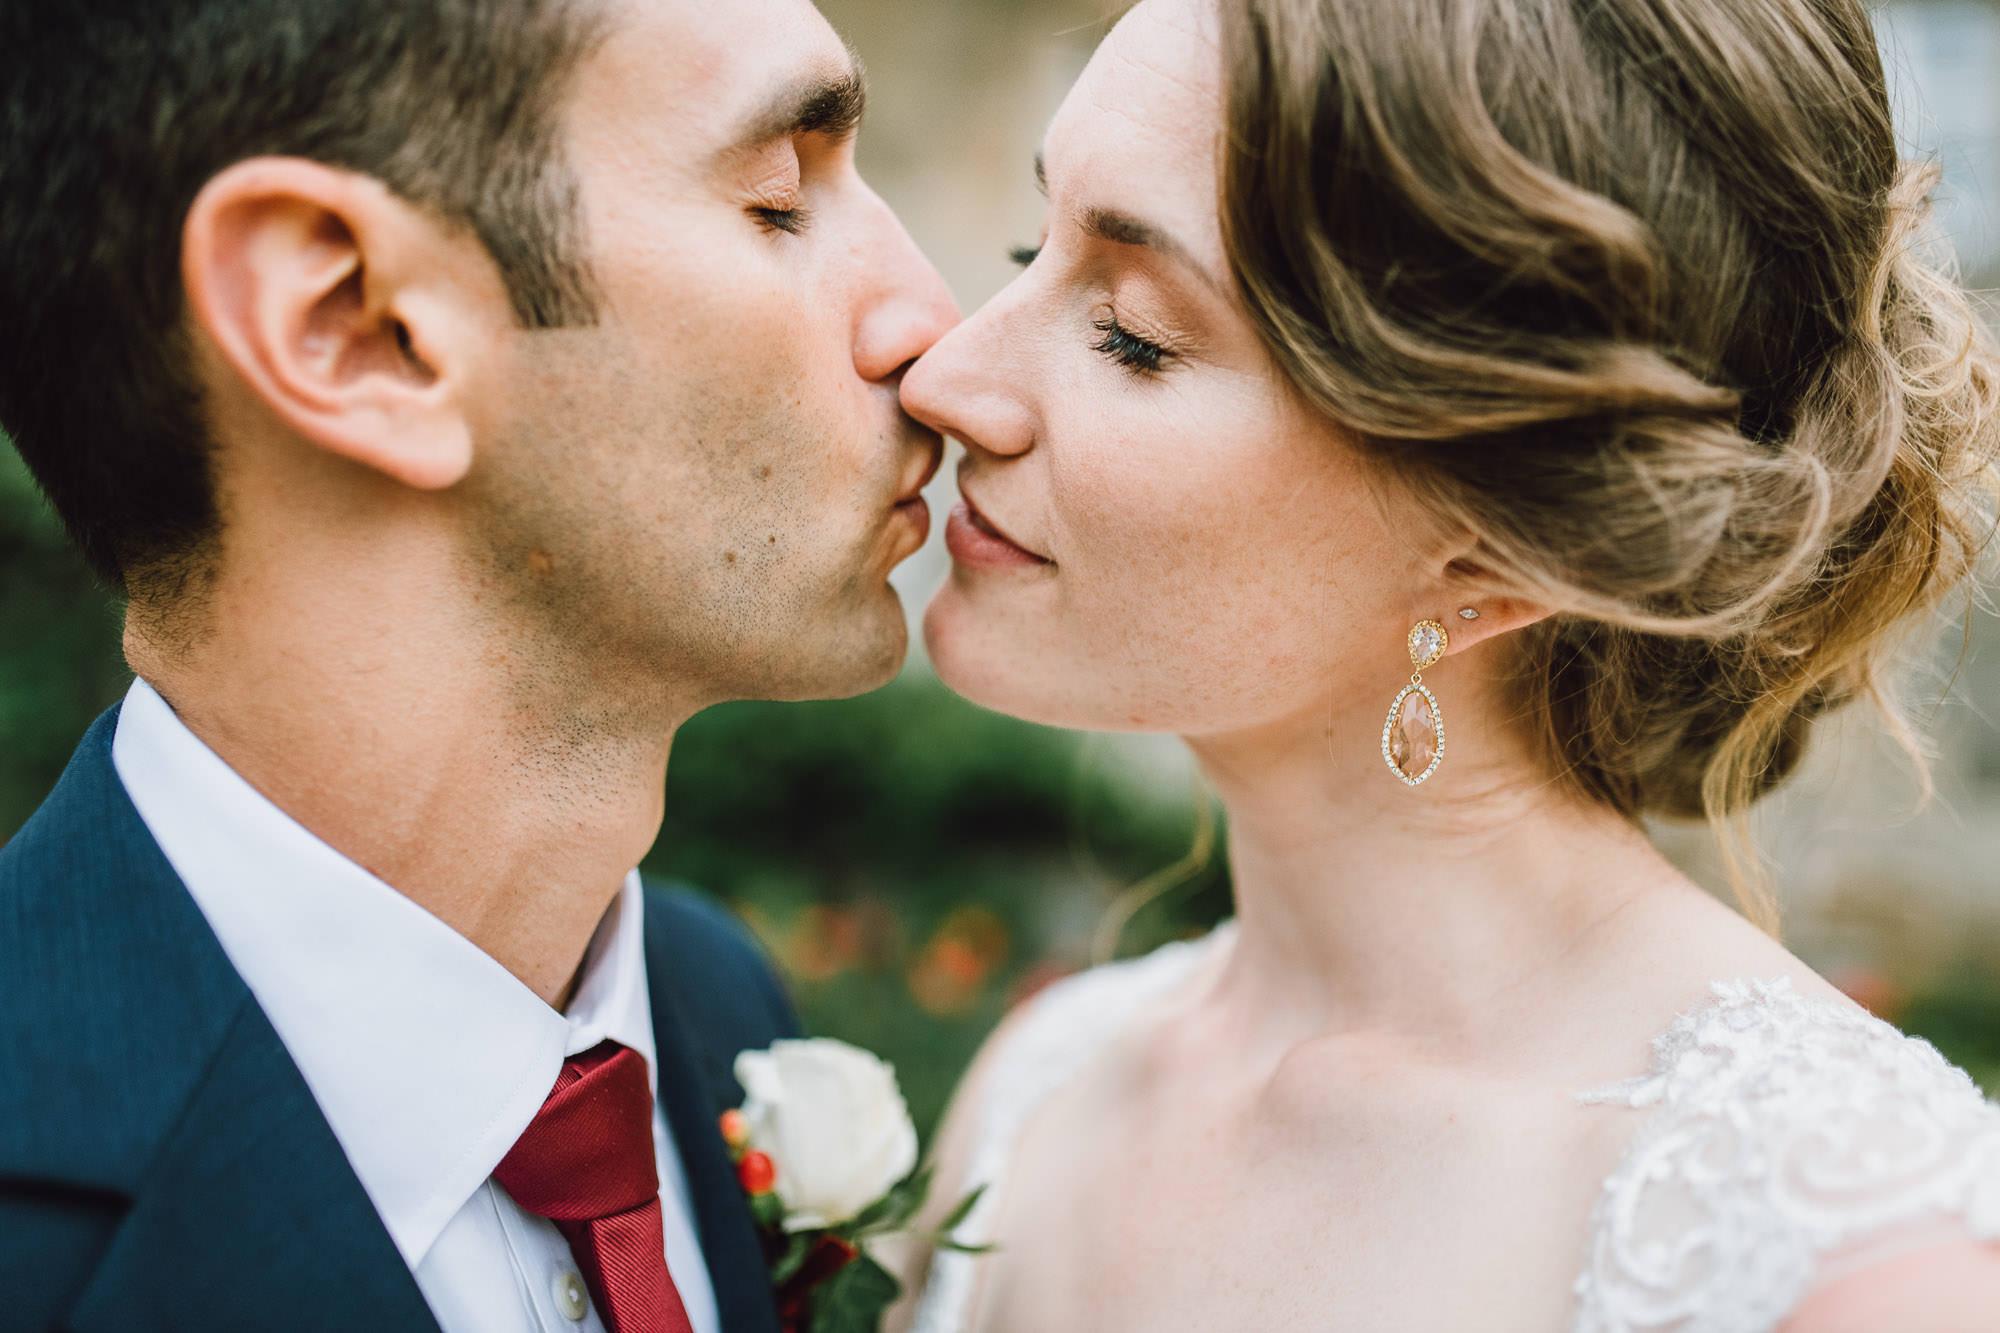 rustic-elegant-wedding-schloss-hochzeit-eyrichshof-franken-bamberg-105